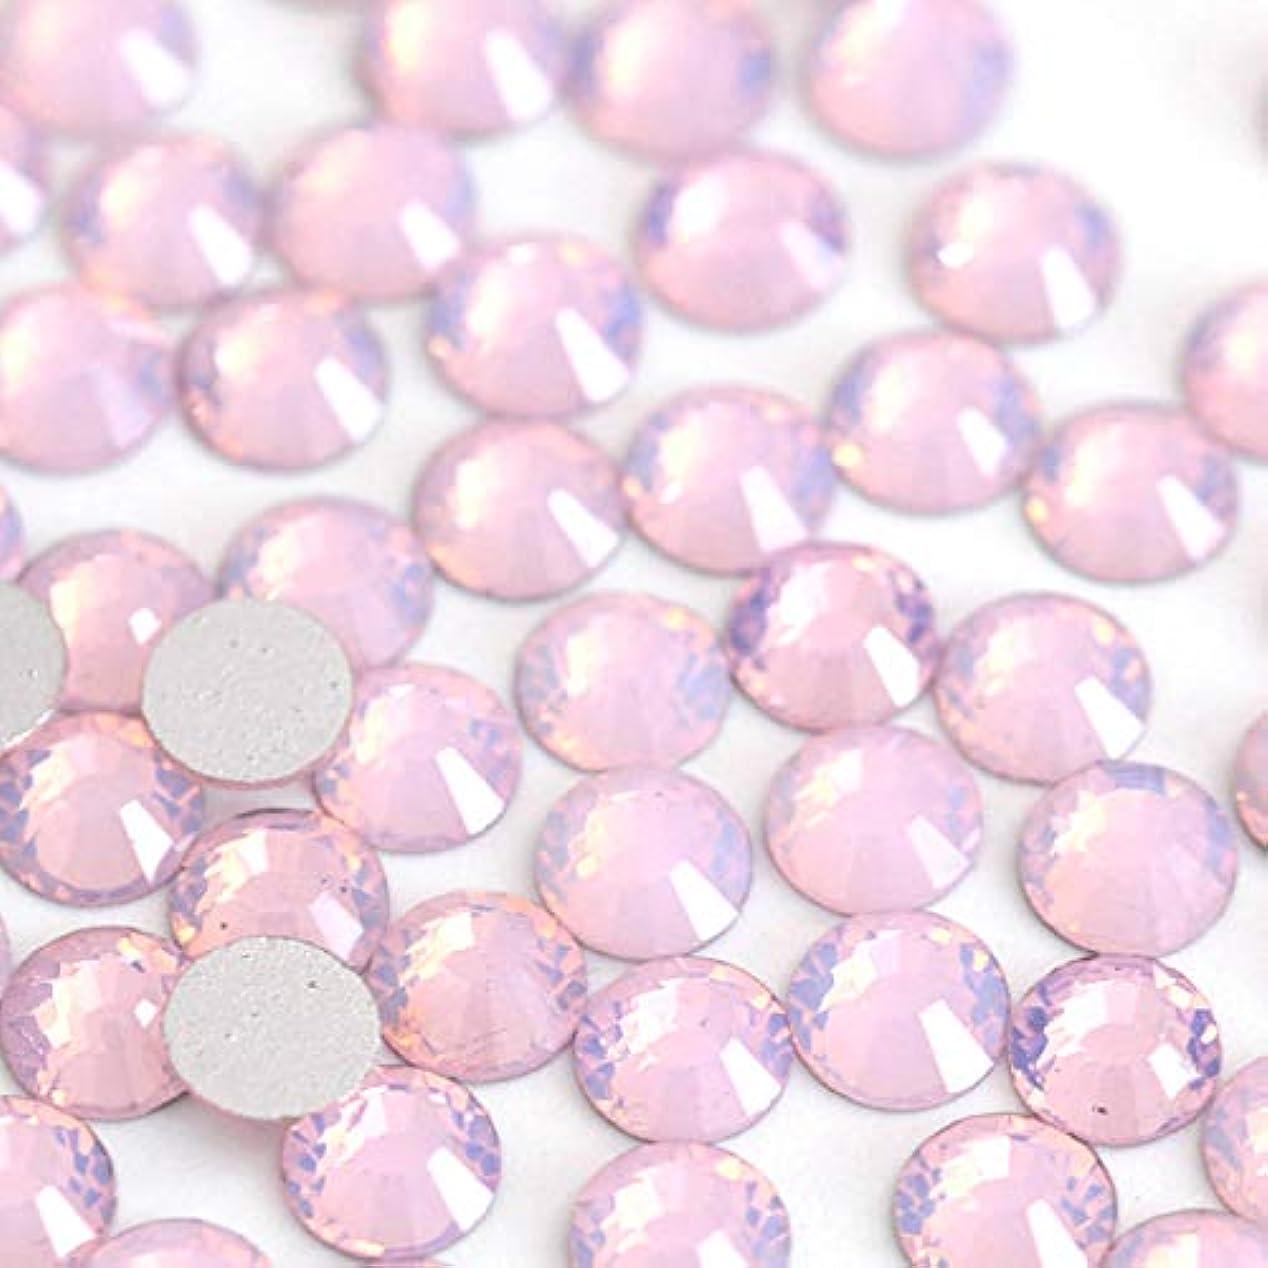 コロニー平衡改善する【ラインストーン77】 ガラス製ラインストーン ピンクオパール(SS4:約1.5mm /約200粒)